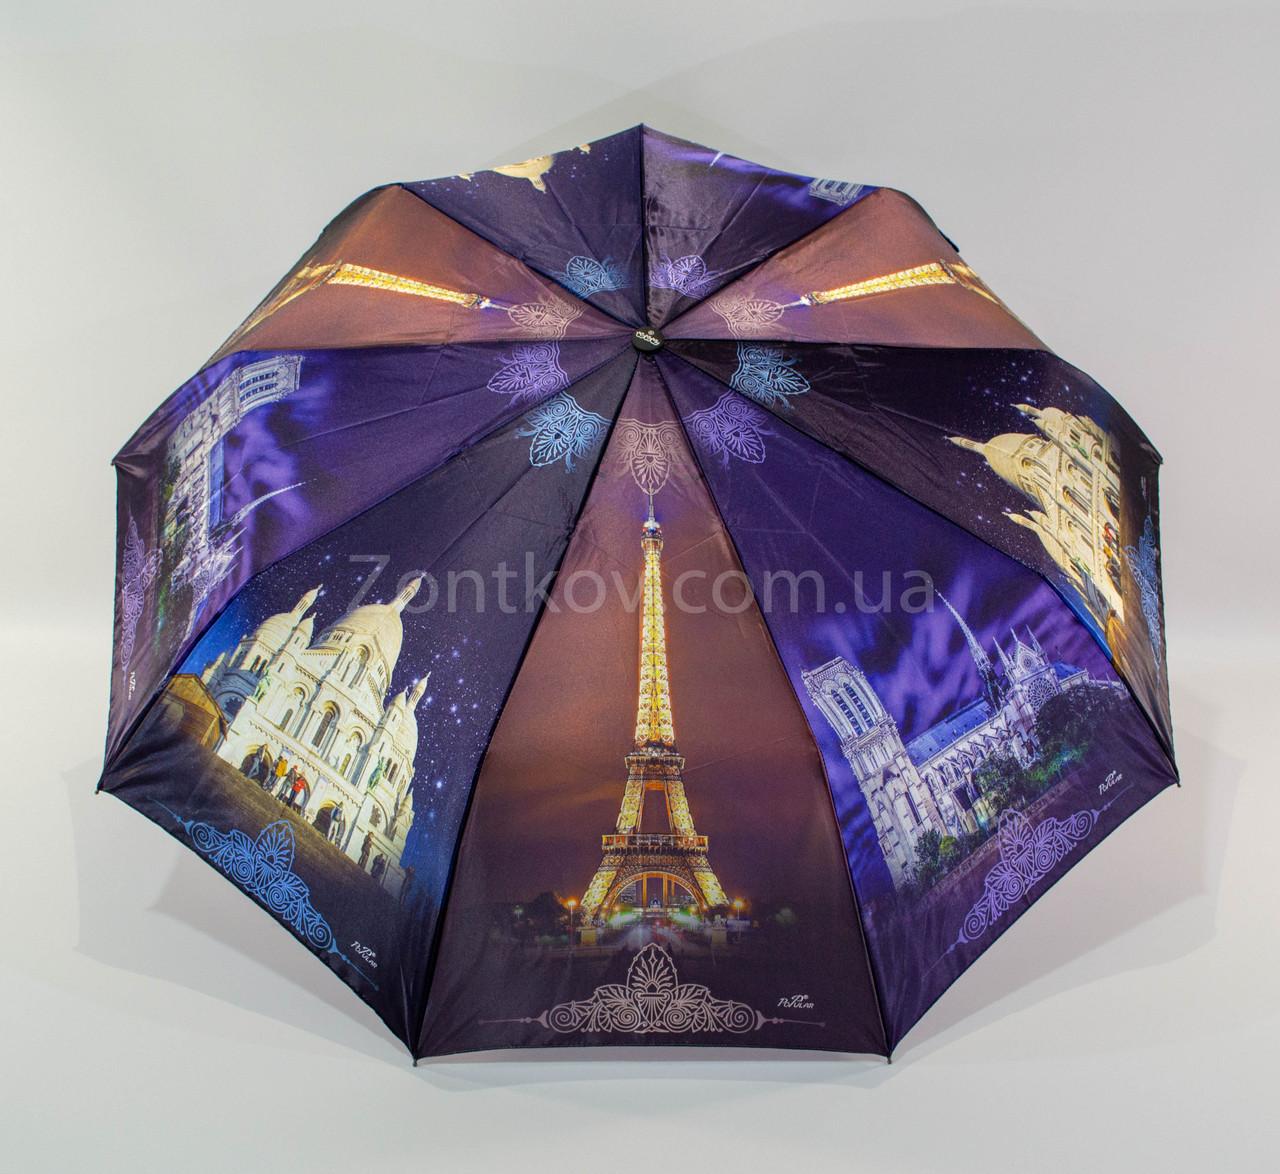 Складной женский зонт Три Слона полуавтомат сатин